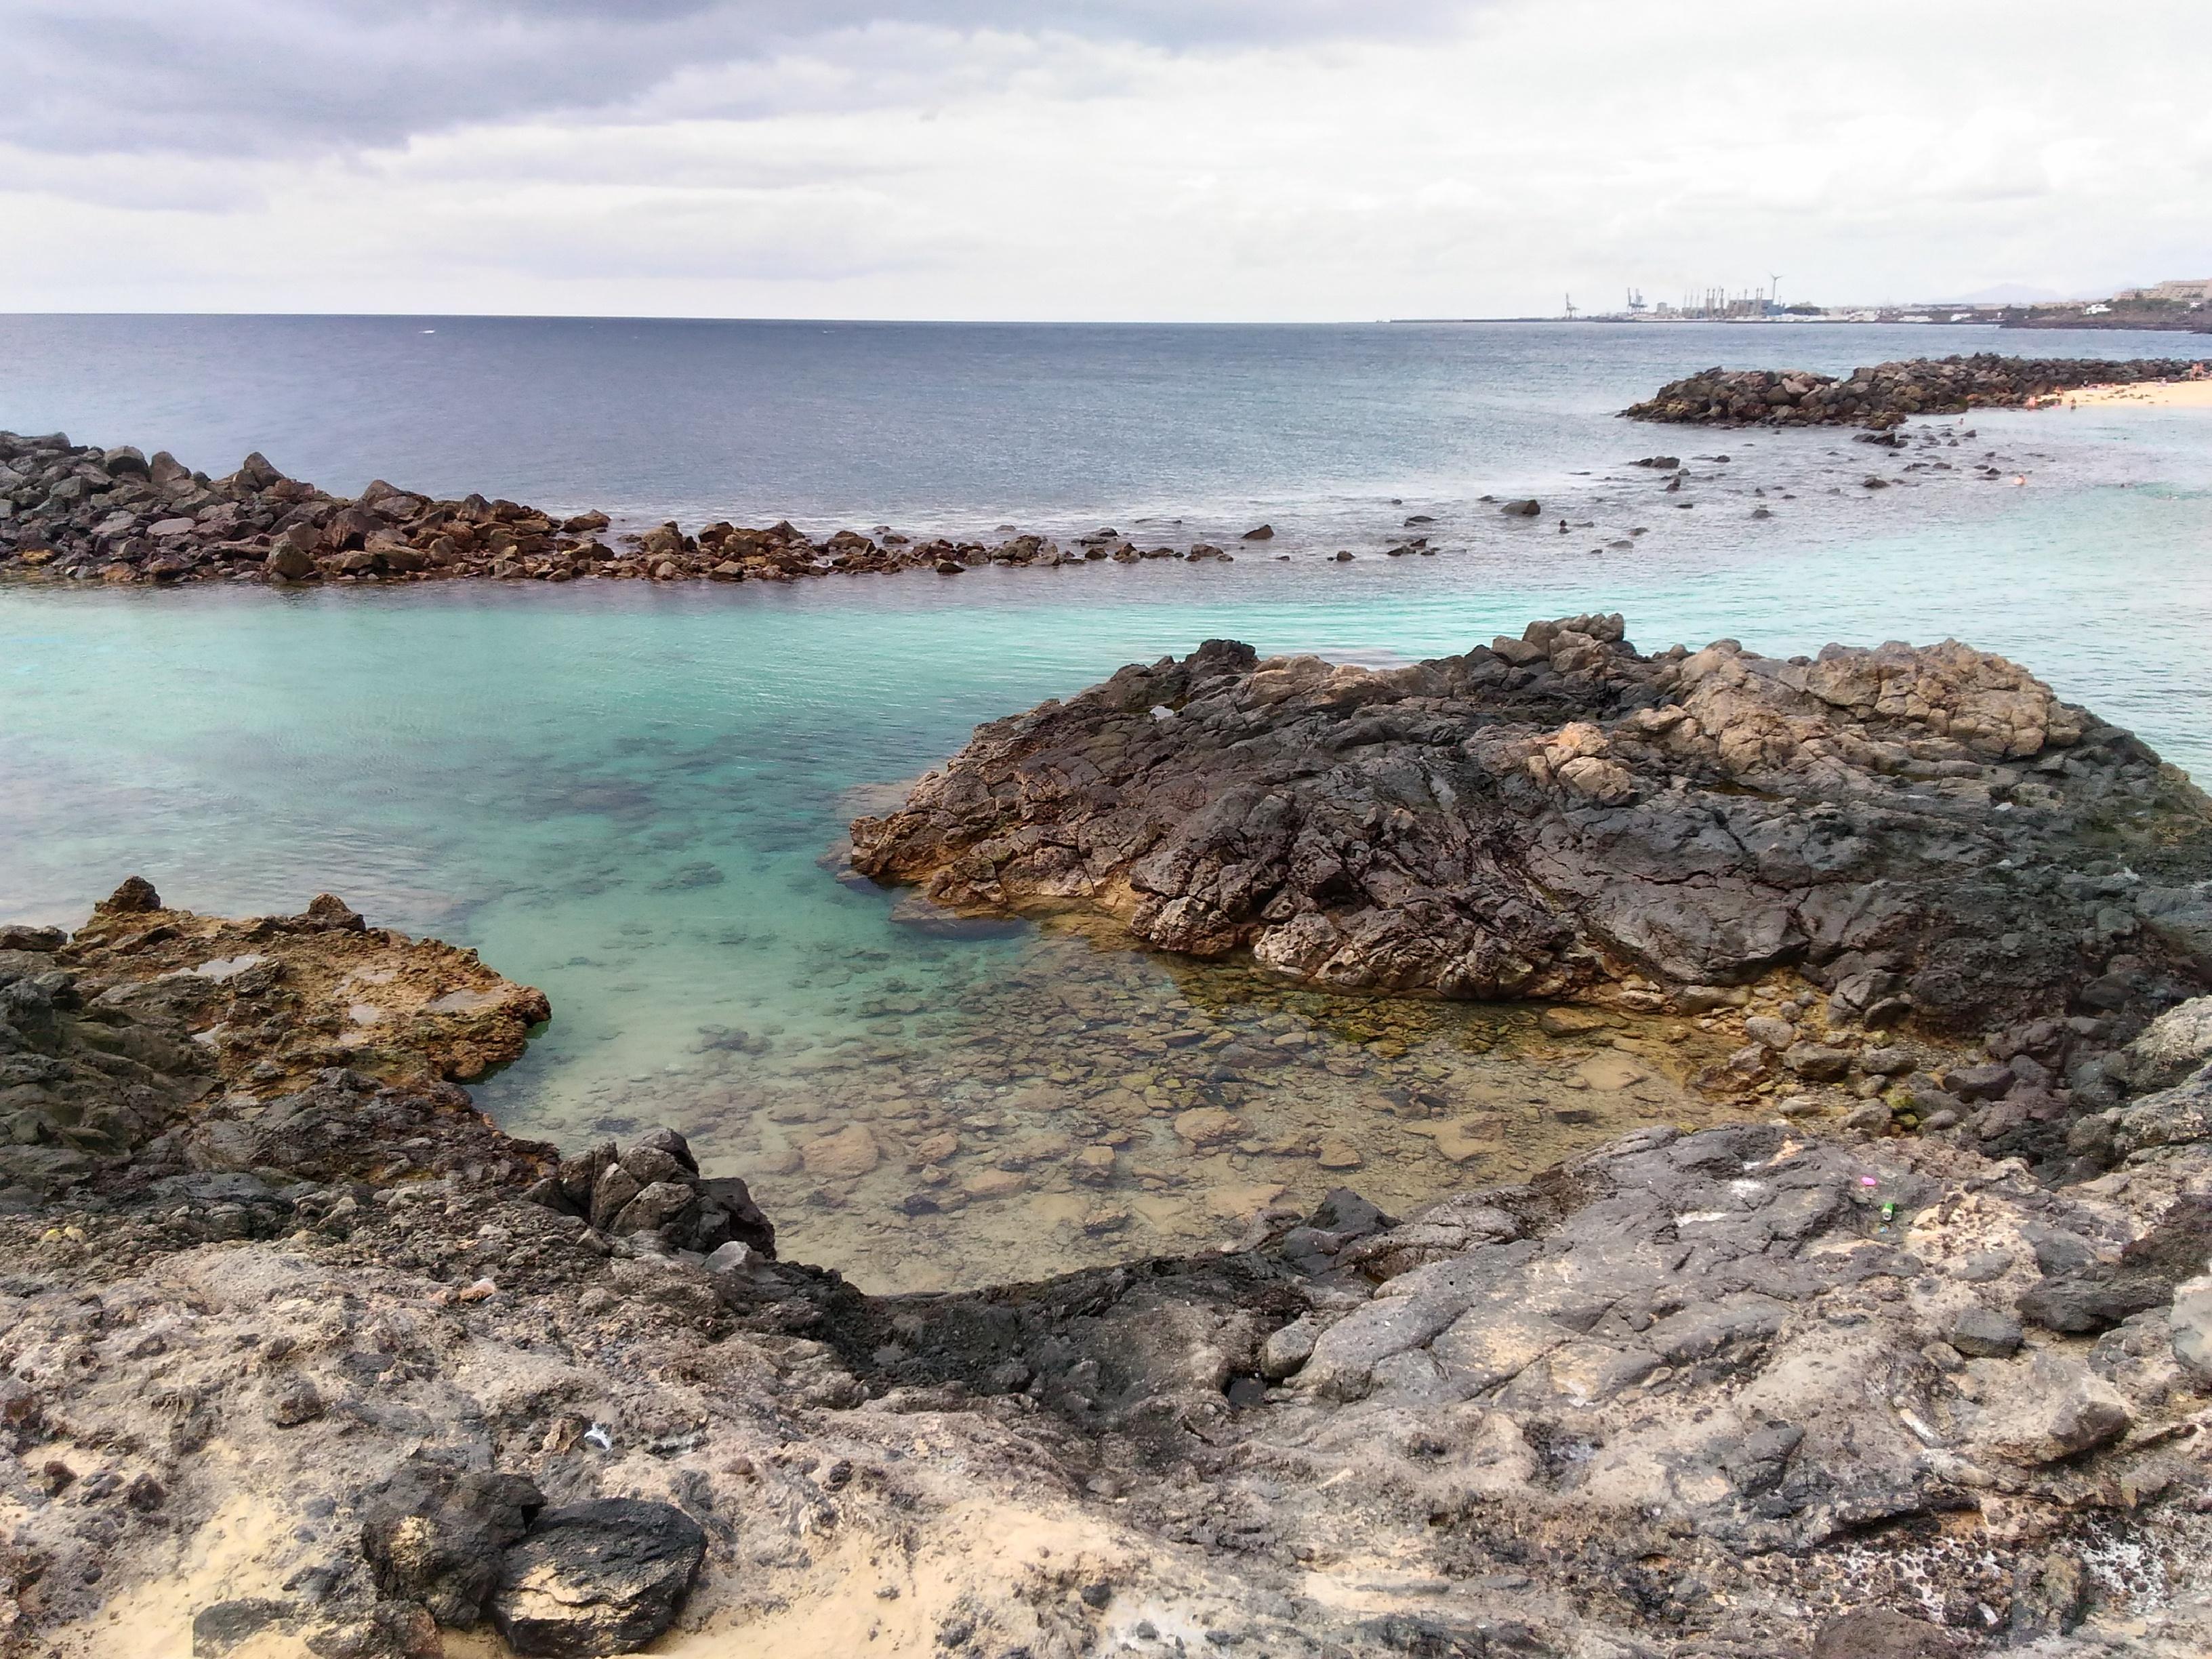 Voyage à Lanzarote (Iles Canaries)